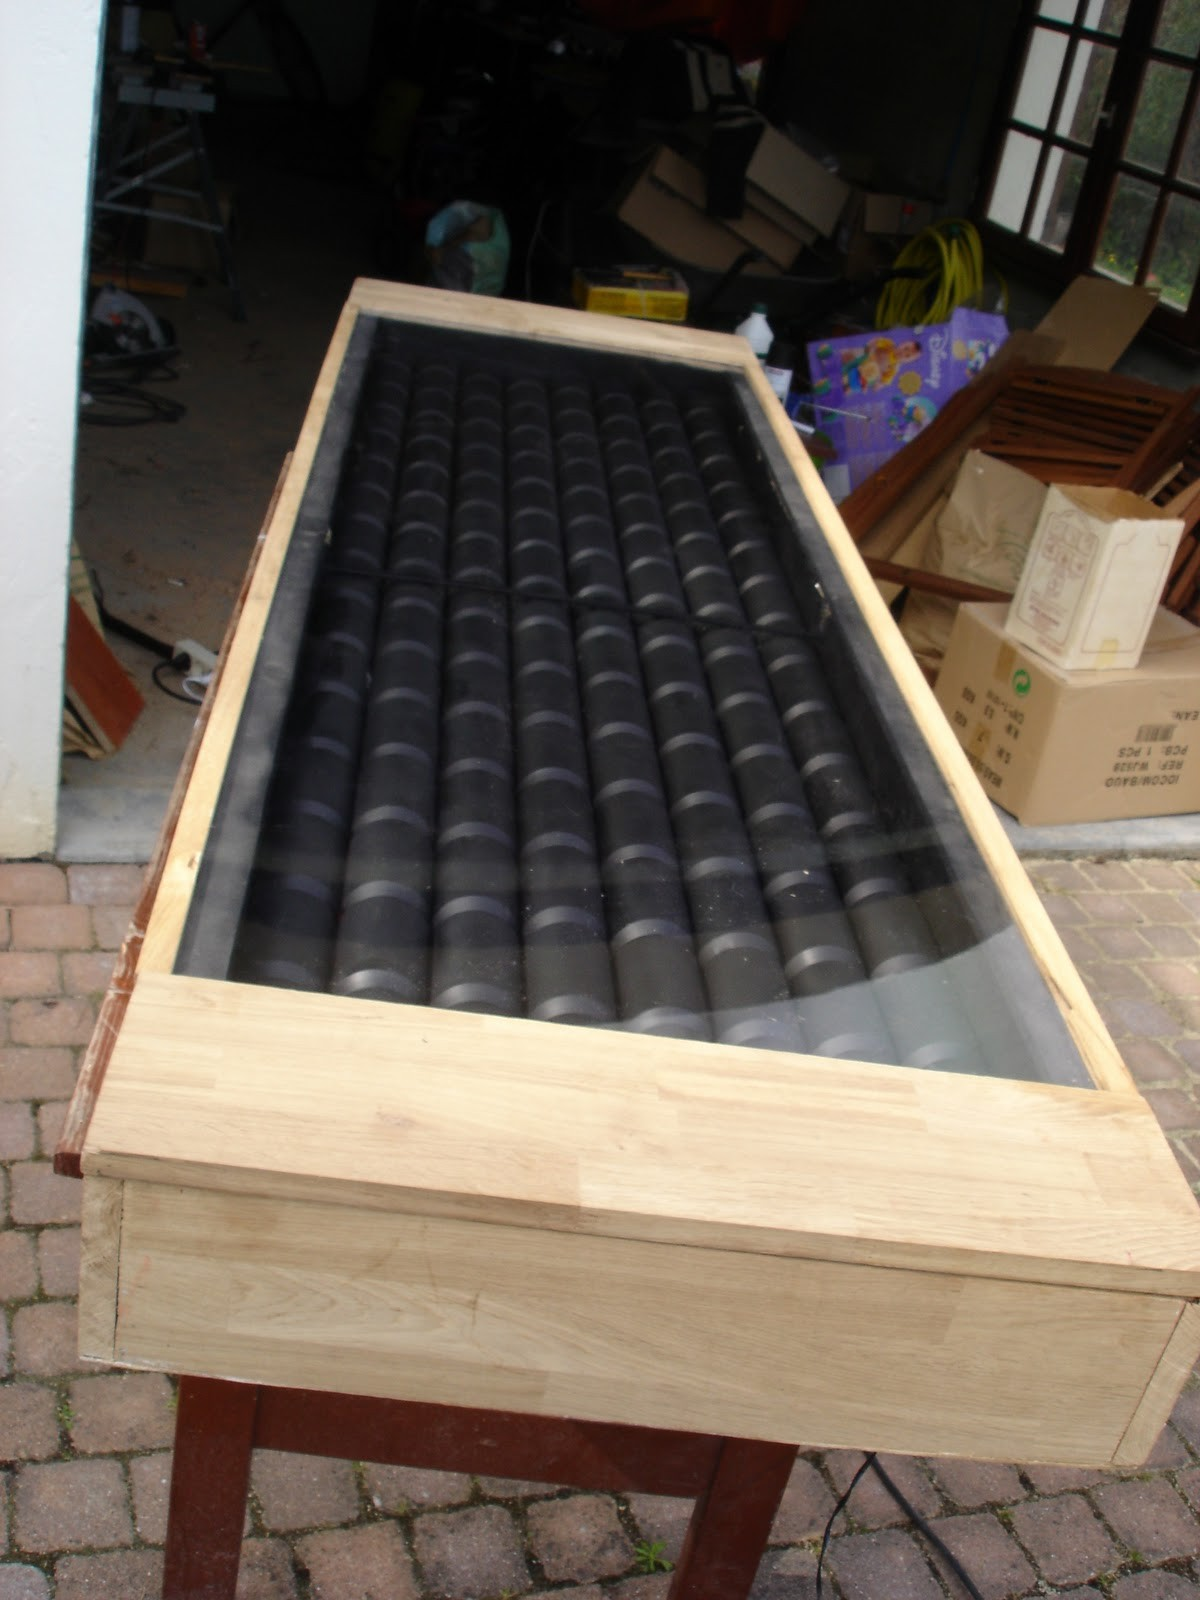 Construire son propre panneau solaire permaculture - Fabriquer chauffage solaire piscine ...